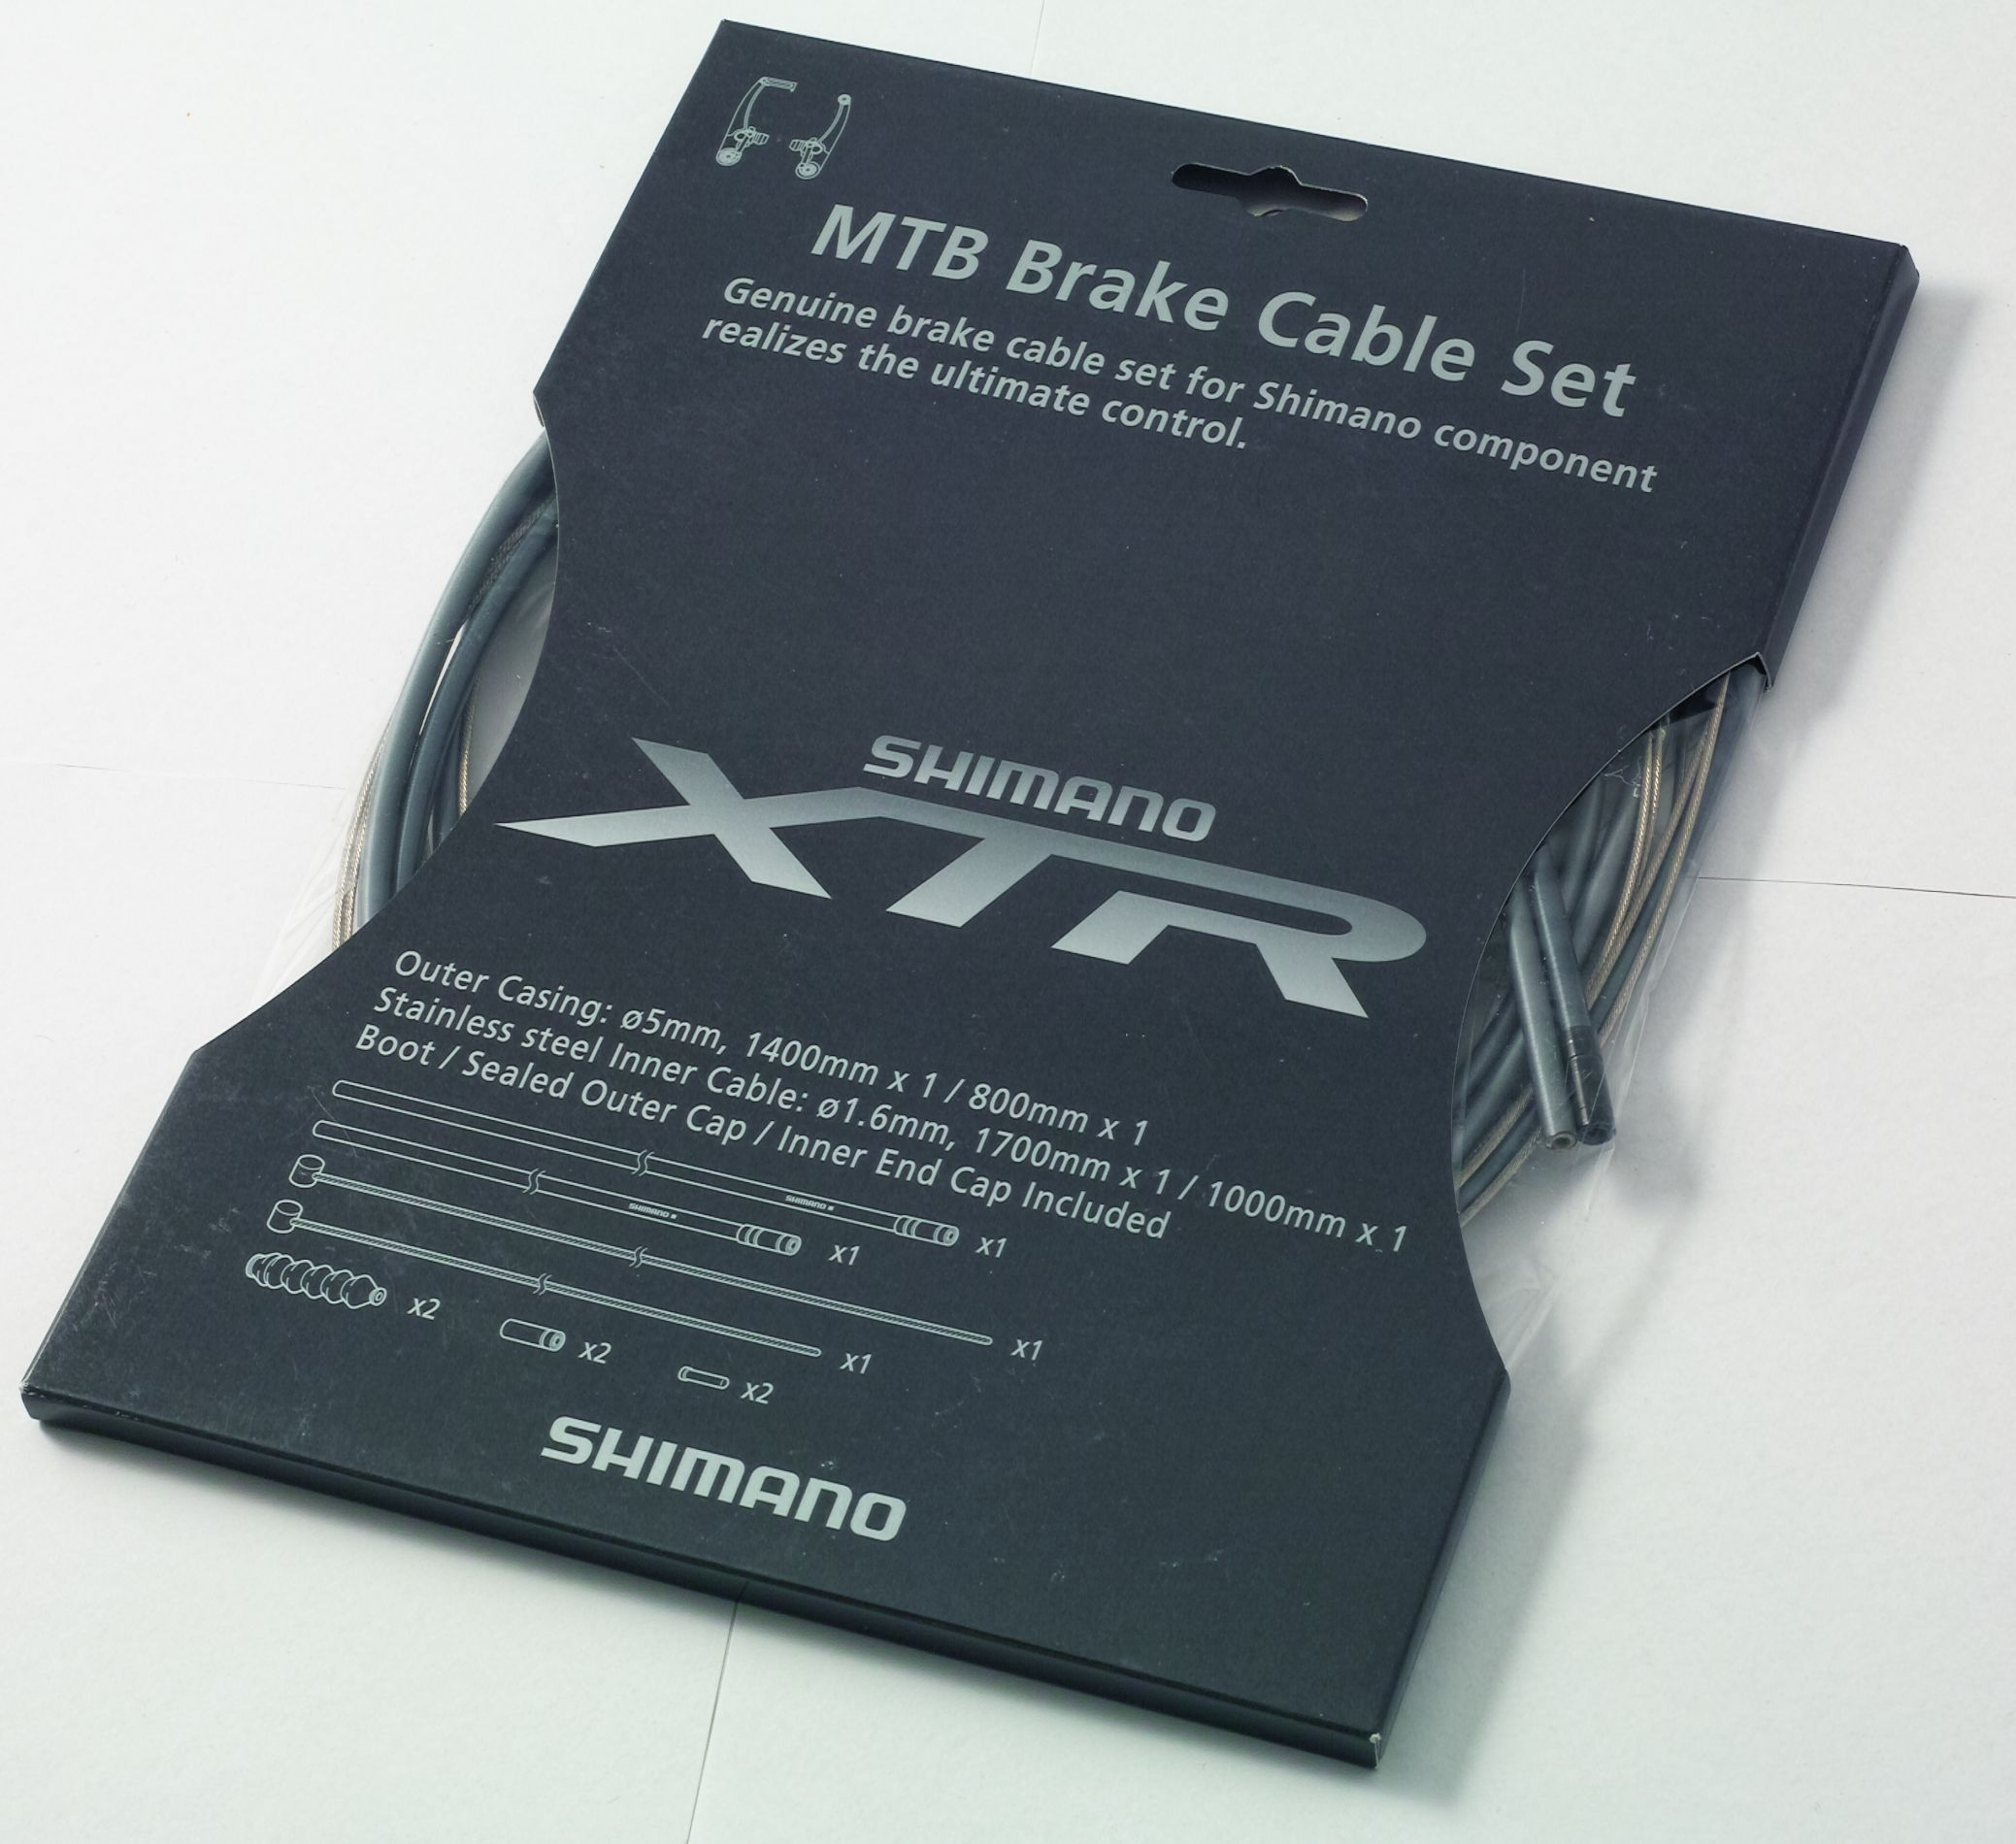 Jeu de câbles Shimano XTR pour freins de VTT, couleur grise.